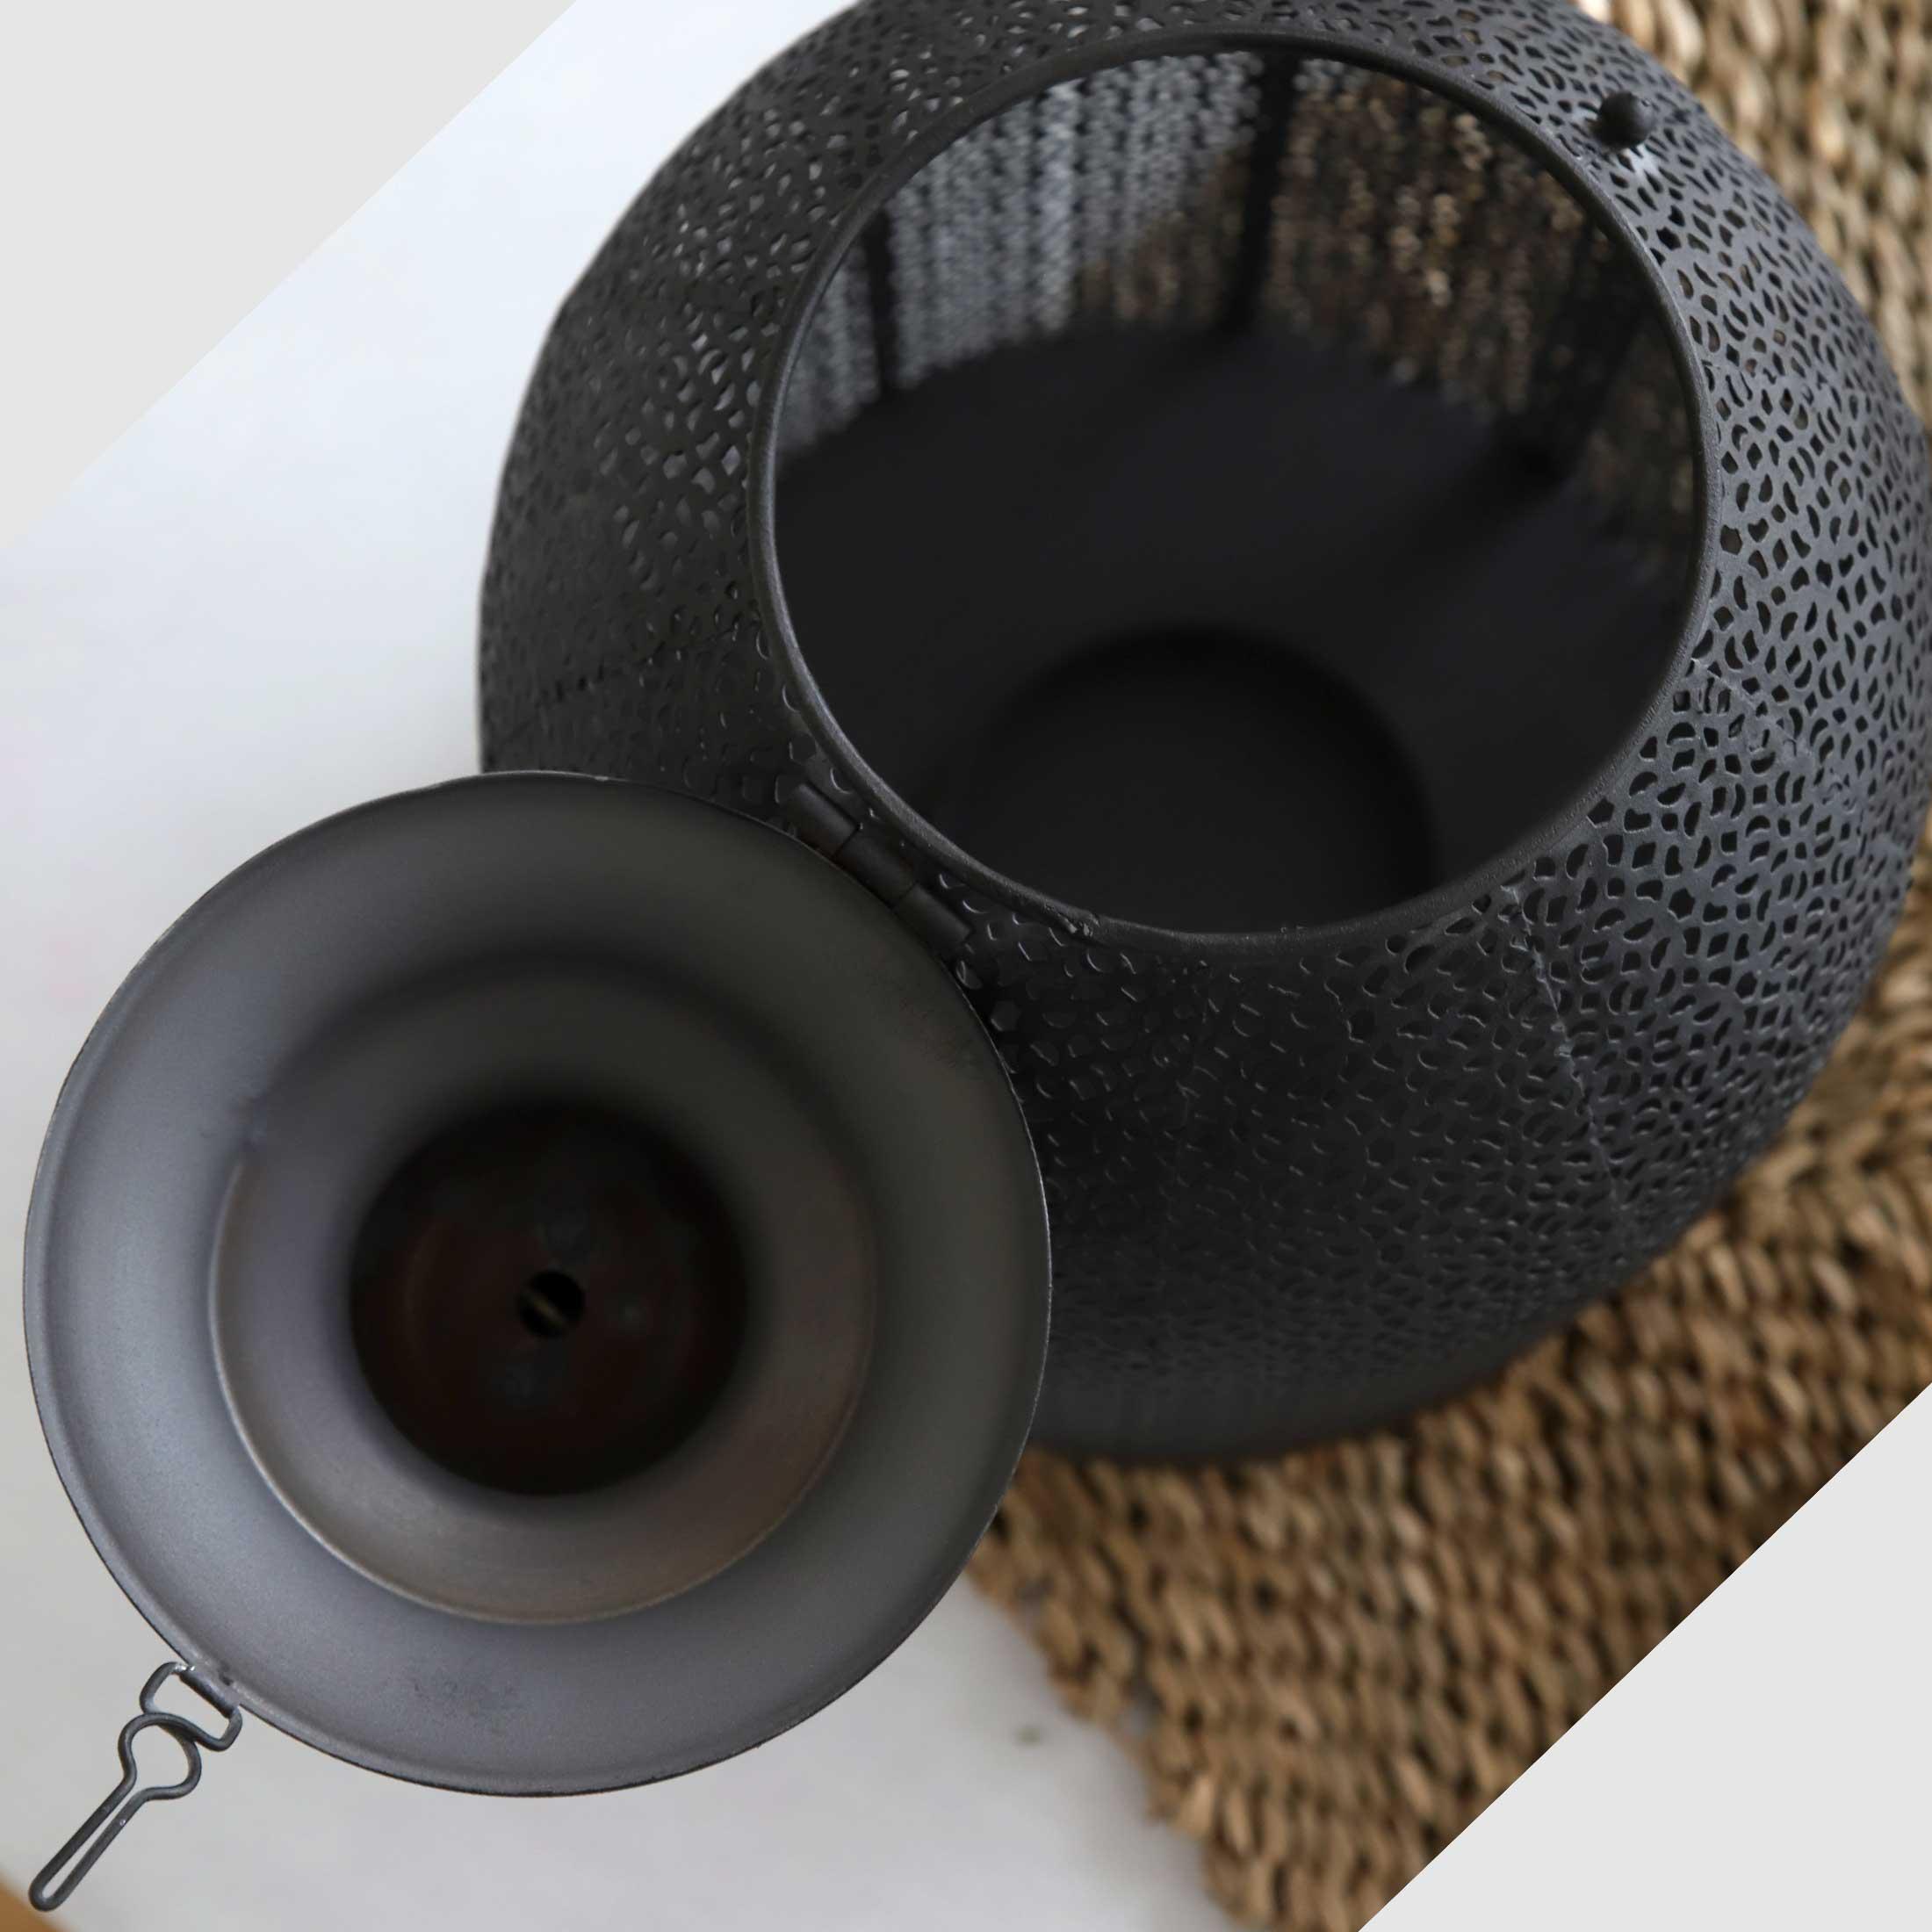 Marokkanisches Windlicht in Schwarz mit 32cm Höhe aus Metall zum aufhängen und hinstellen. Wunderschöne Windlichter für Drinnen und Draußen im Soulbirdee Onlineshop kaufen